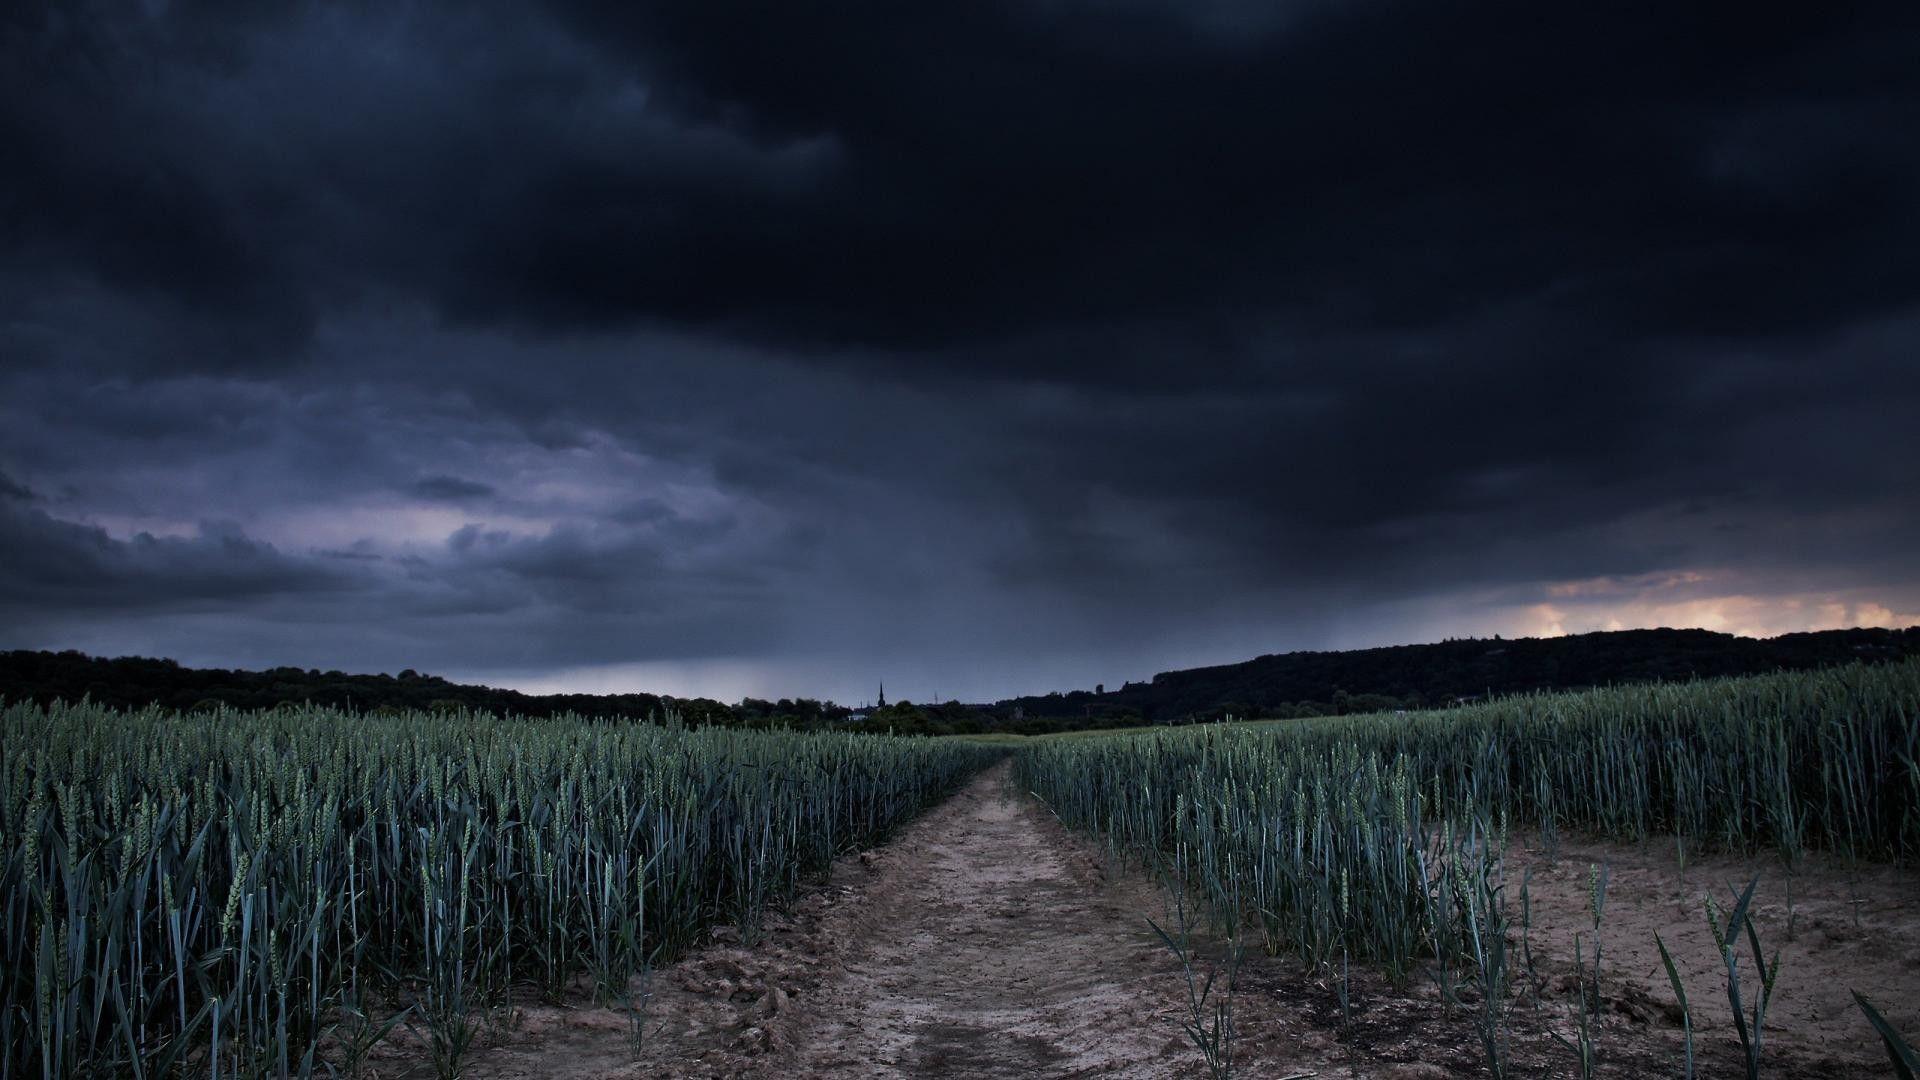 Dark Rain Storm Wallpapers Top Free Dark Rain Storm Backgrounds